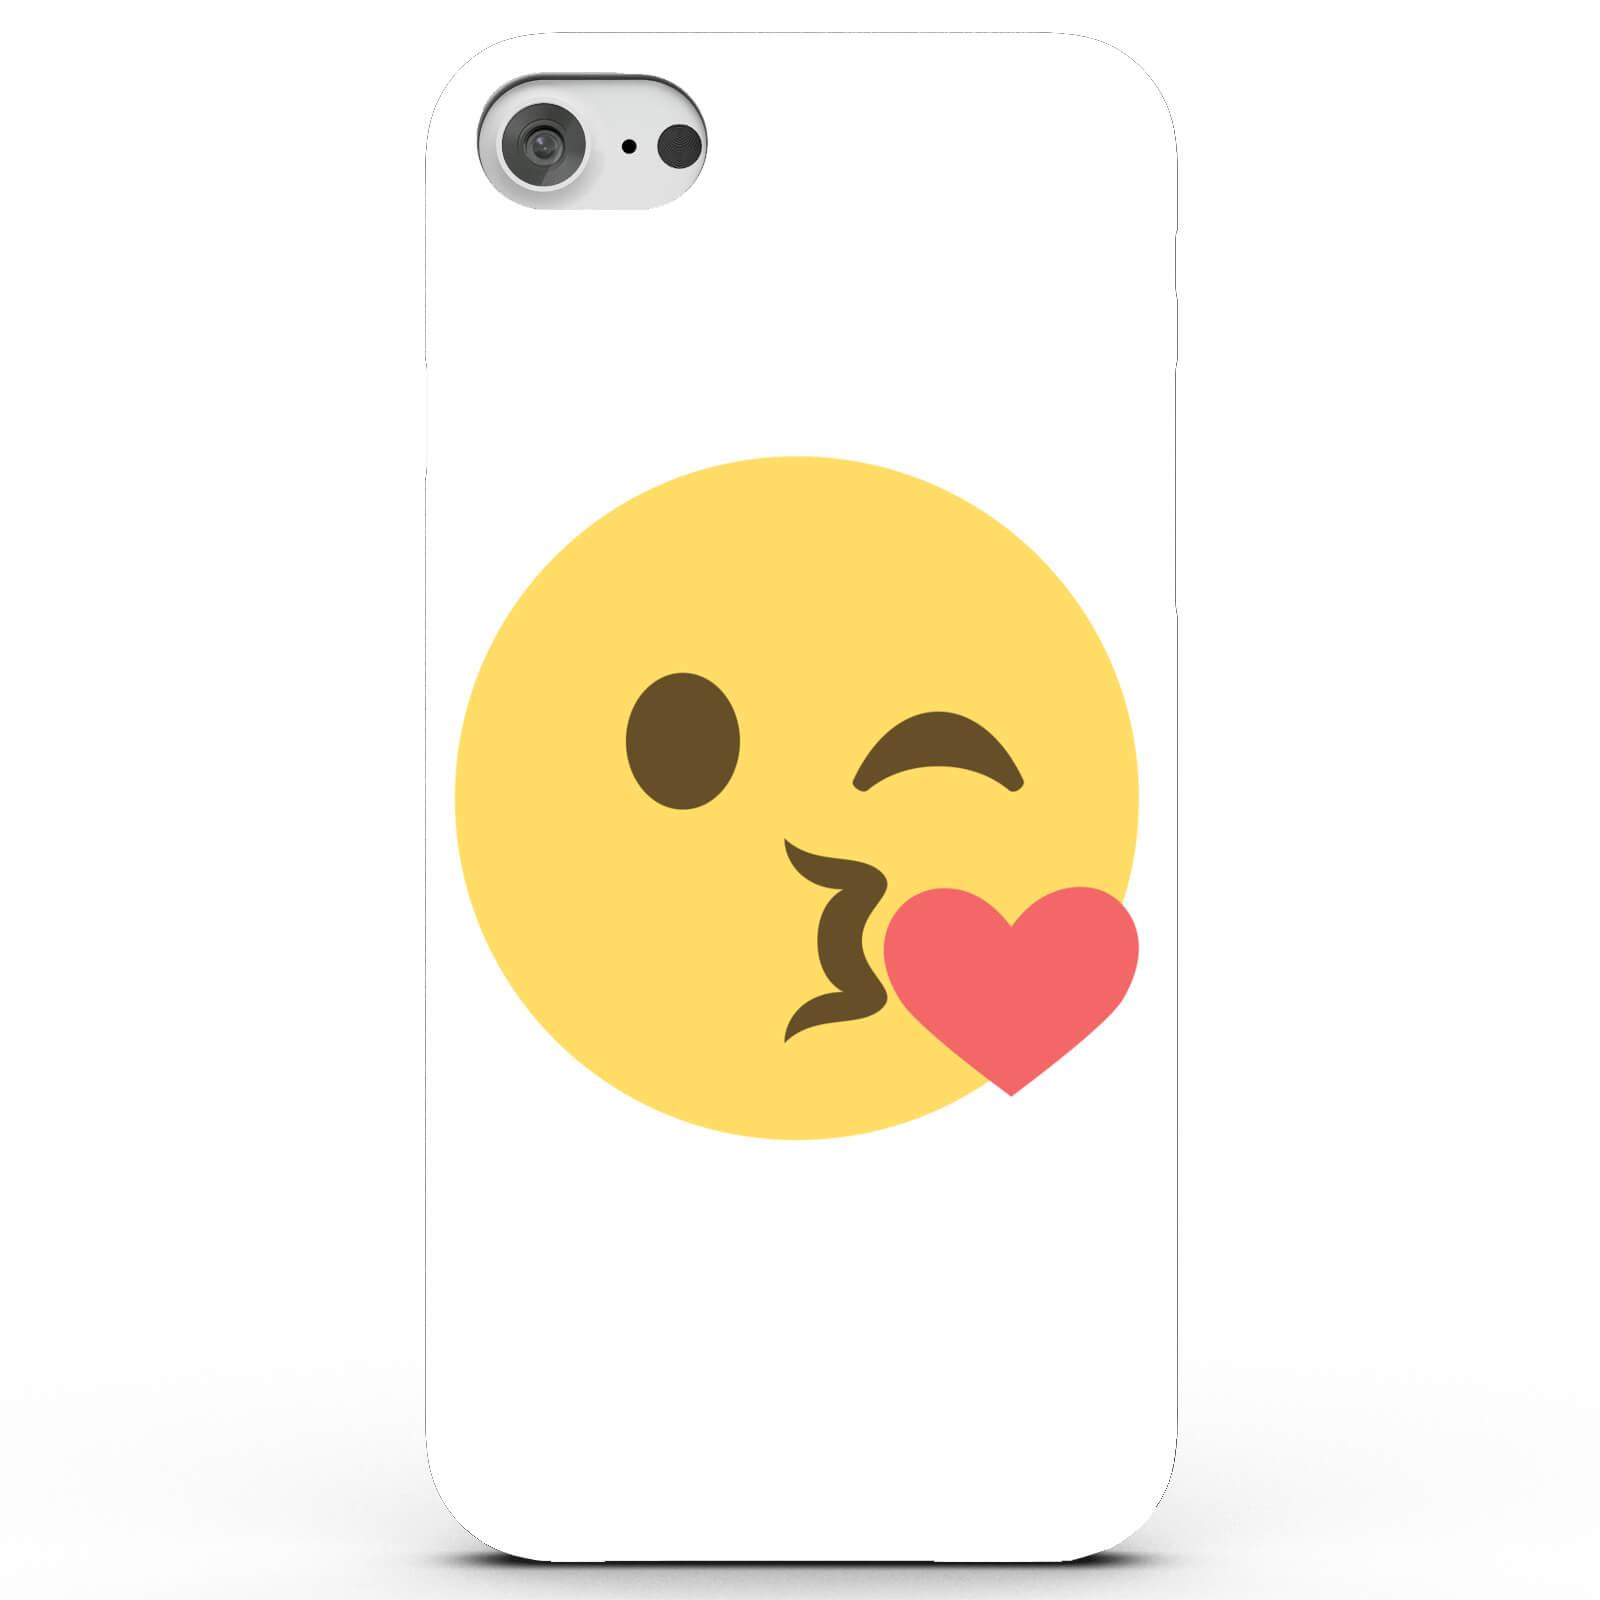 Coque Iphone Android Emoji Bisou Cœur 4 Couleurs Electronics Fr